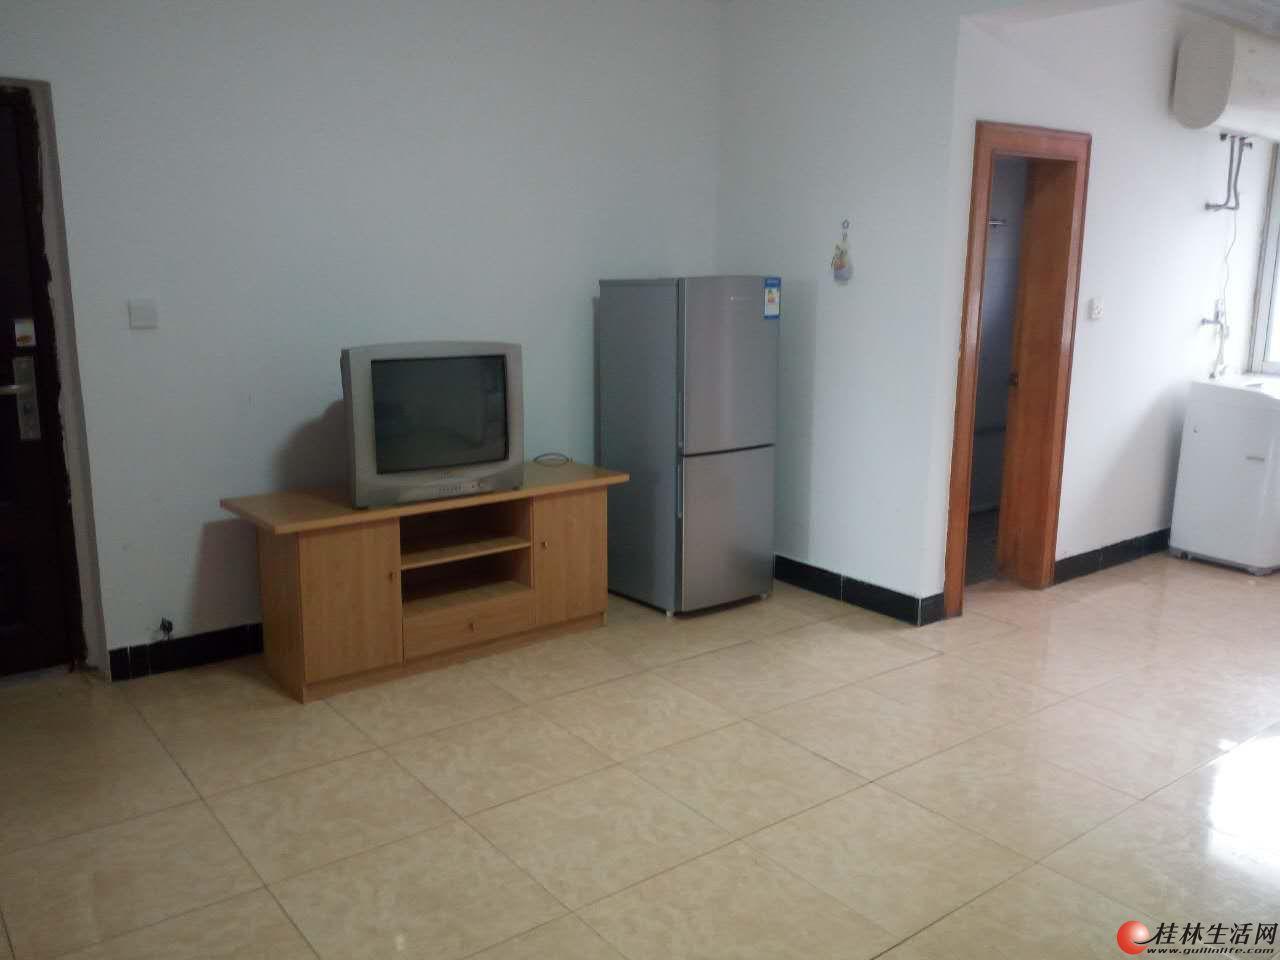 人民医院对 面两房一厅出租 宽敞明亮 干净整洁 拎包入住 中介勿扰